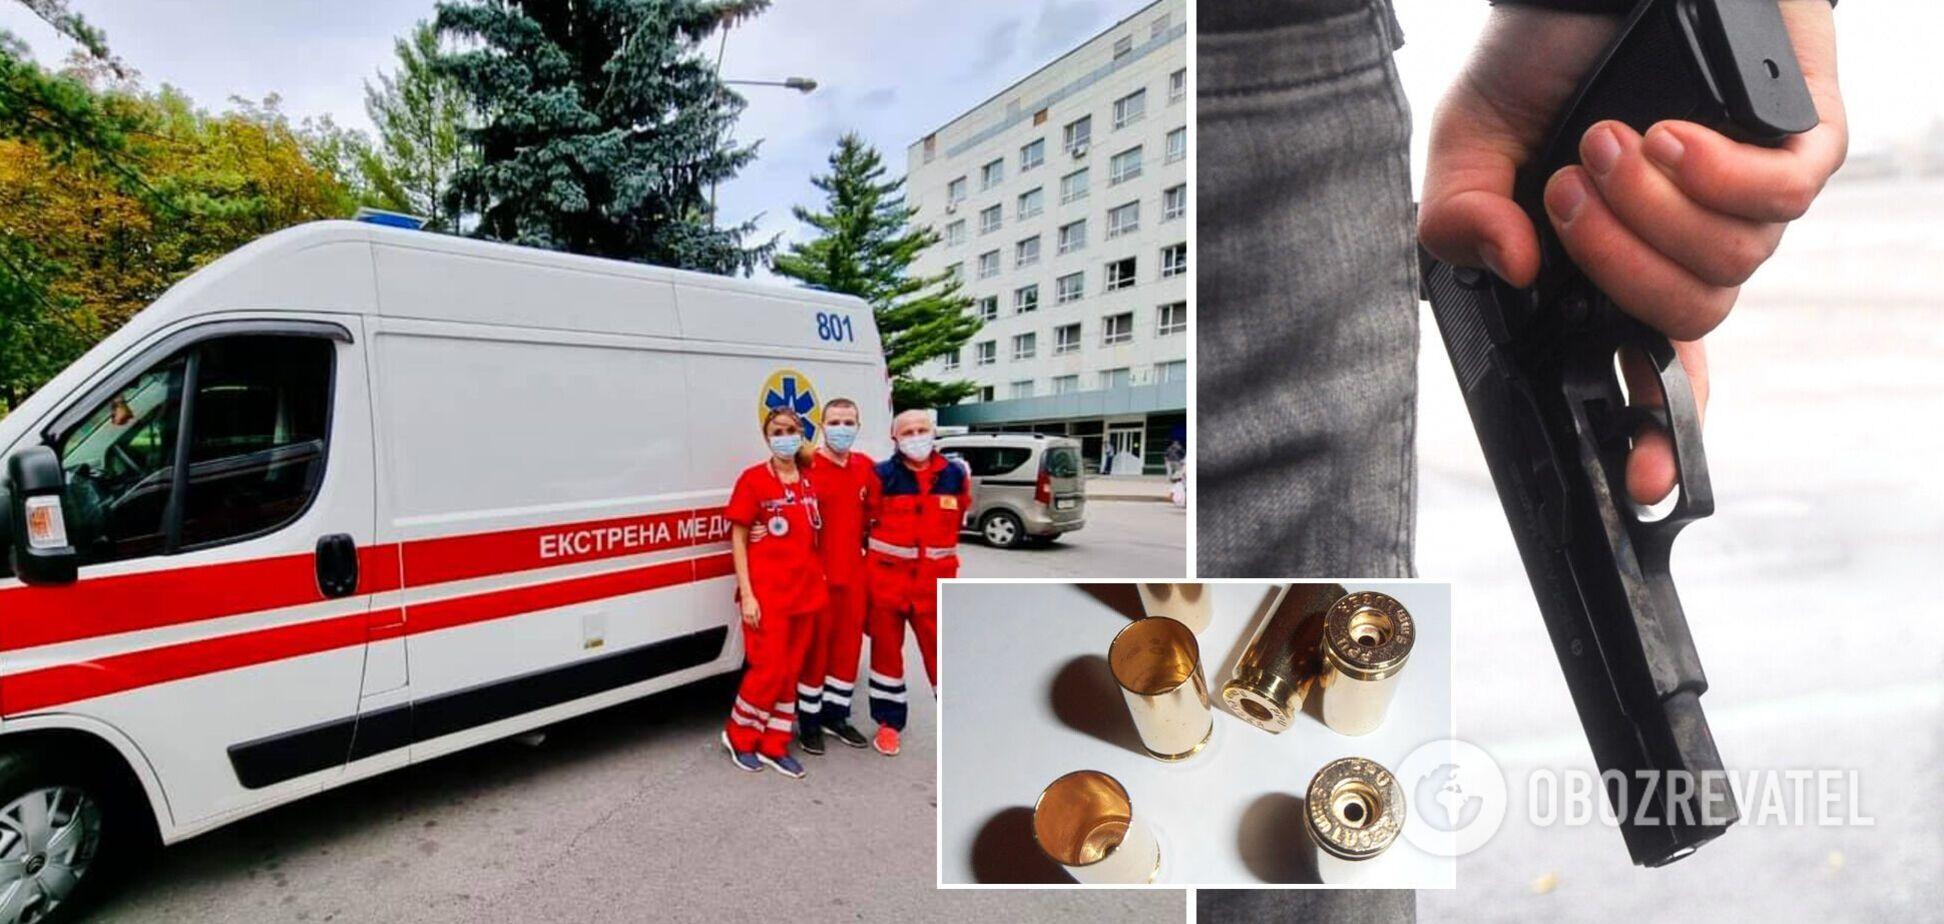 У Харкові чоловік вирішив зіграти в 'російську рулетку' і потрапив до лікарні з пораненням голови